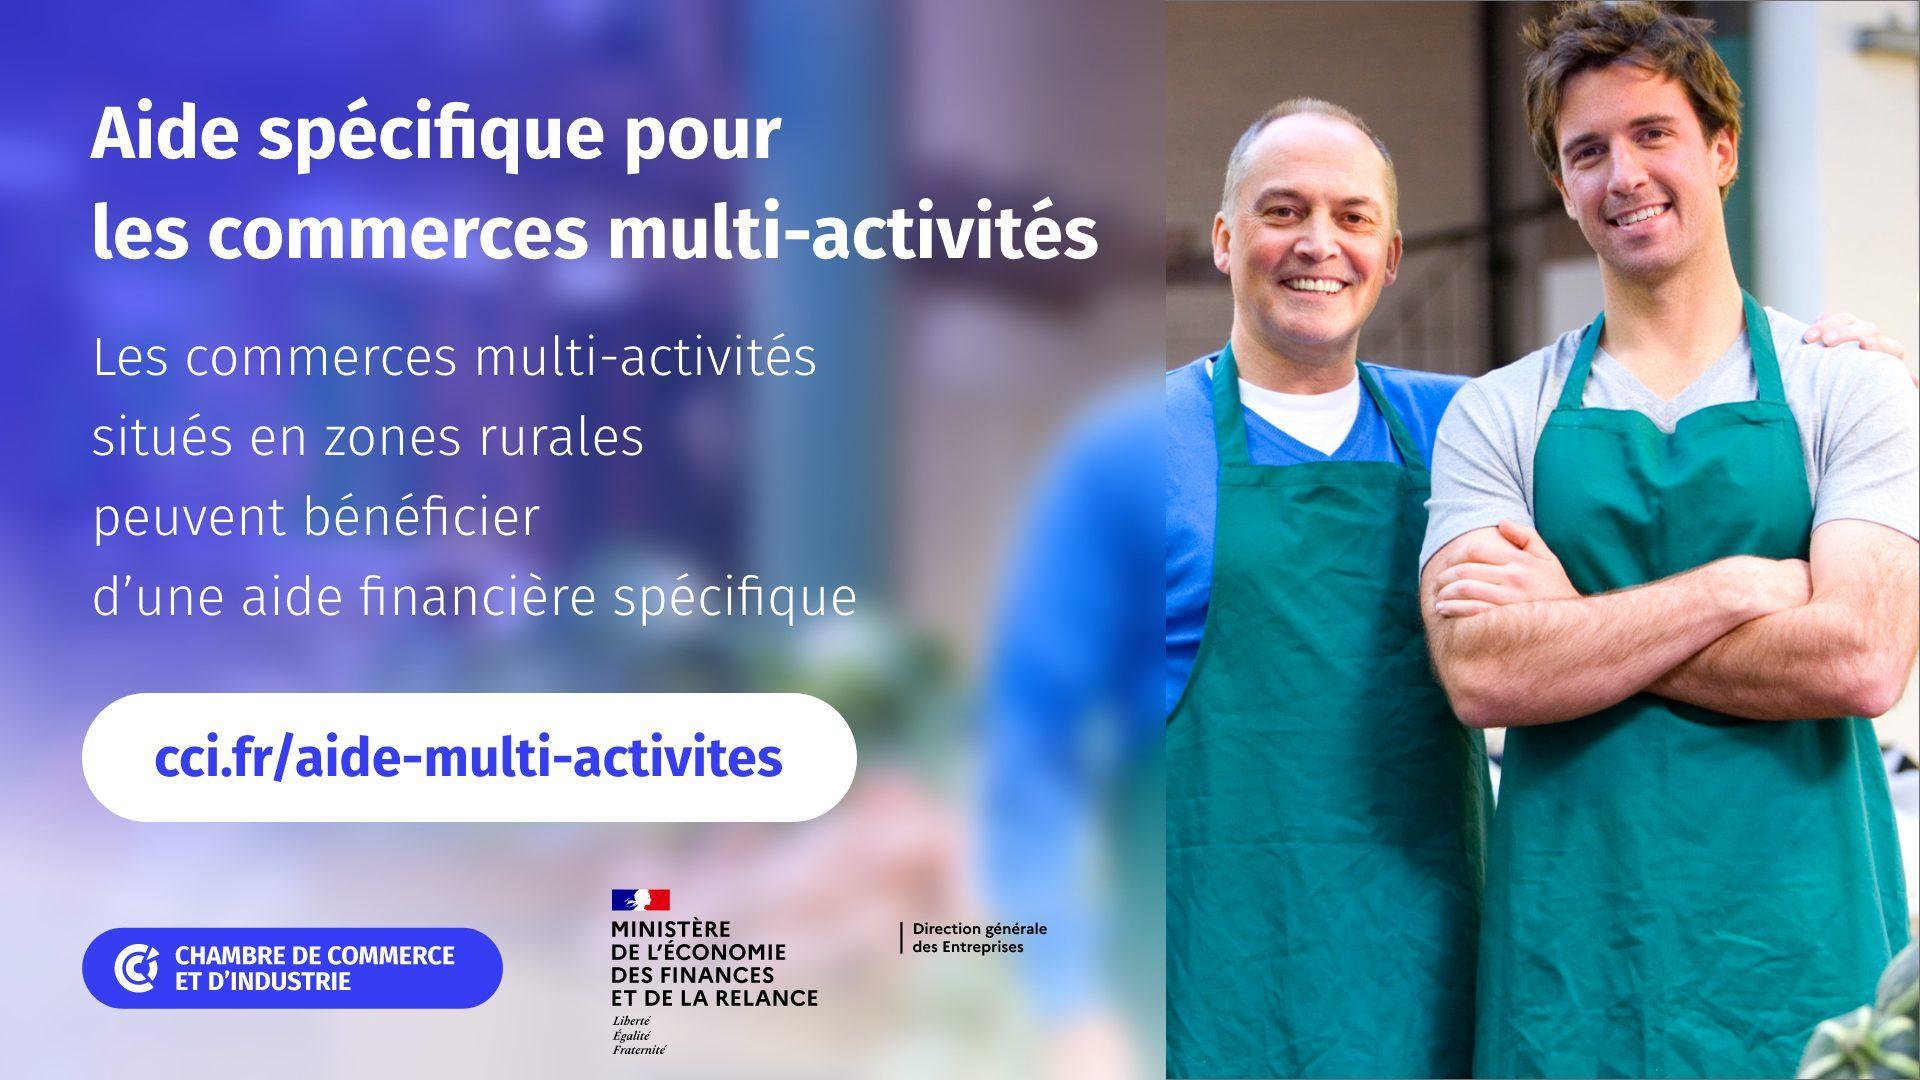 aide multi-activite - reseaux sociaux